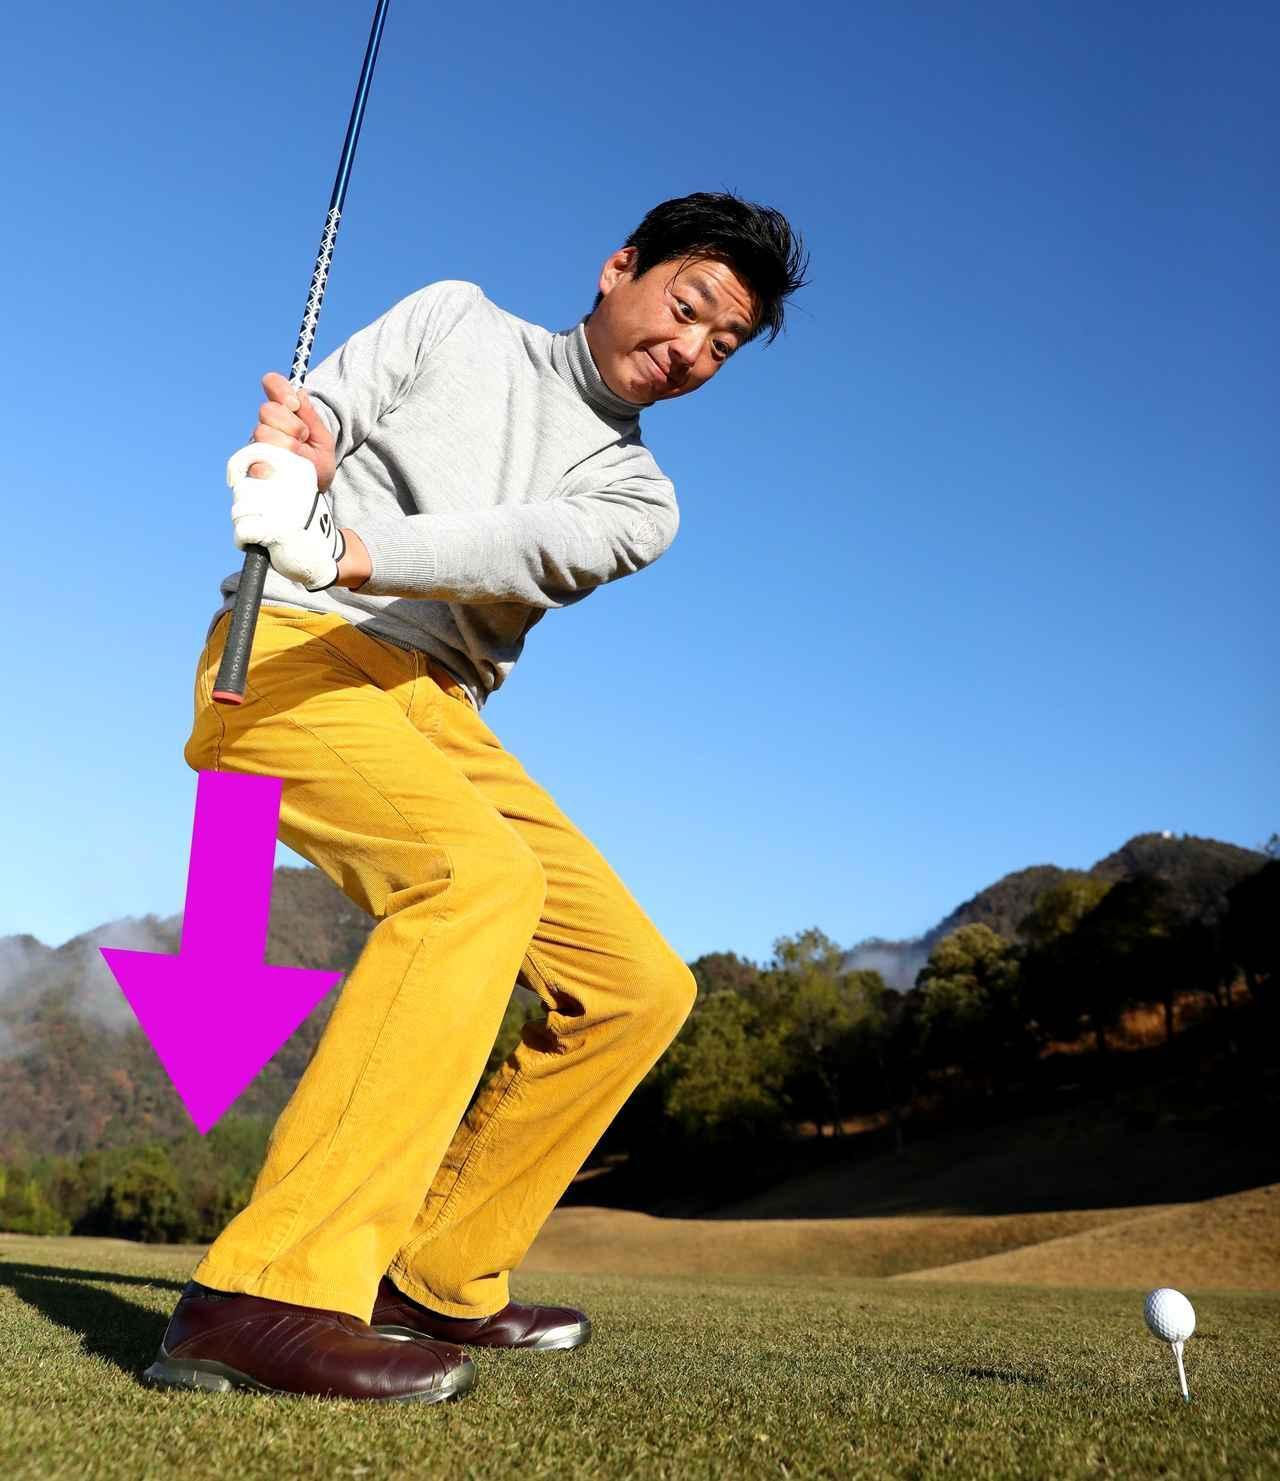 画像: 【飛ばし】あと20ヤード! レッスン名人・武市悦宏プロに聞く。「切り返しでグリップエンドを右足かかとへズドン!」 - ゴルフへ行こうWEB by ゴルフダイジェスト